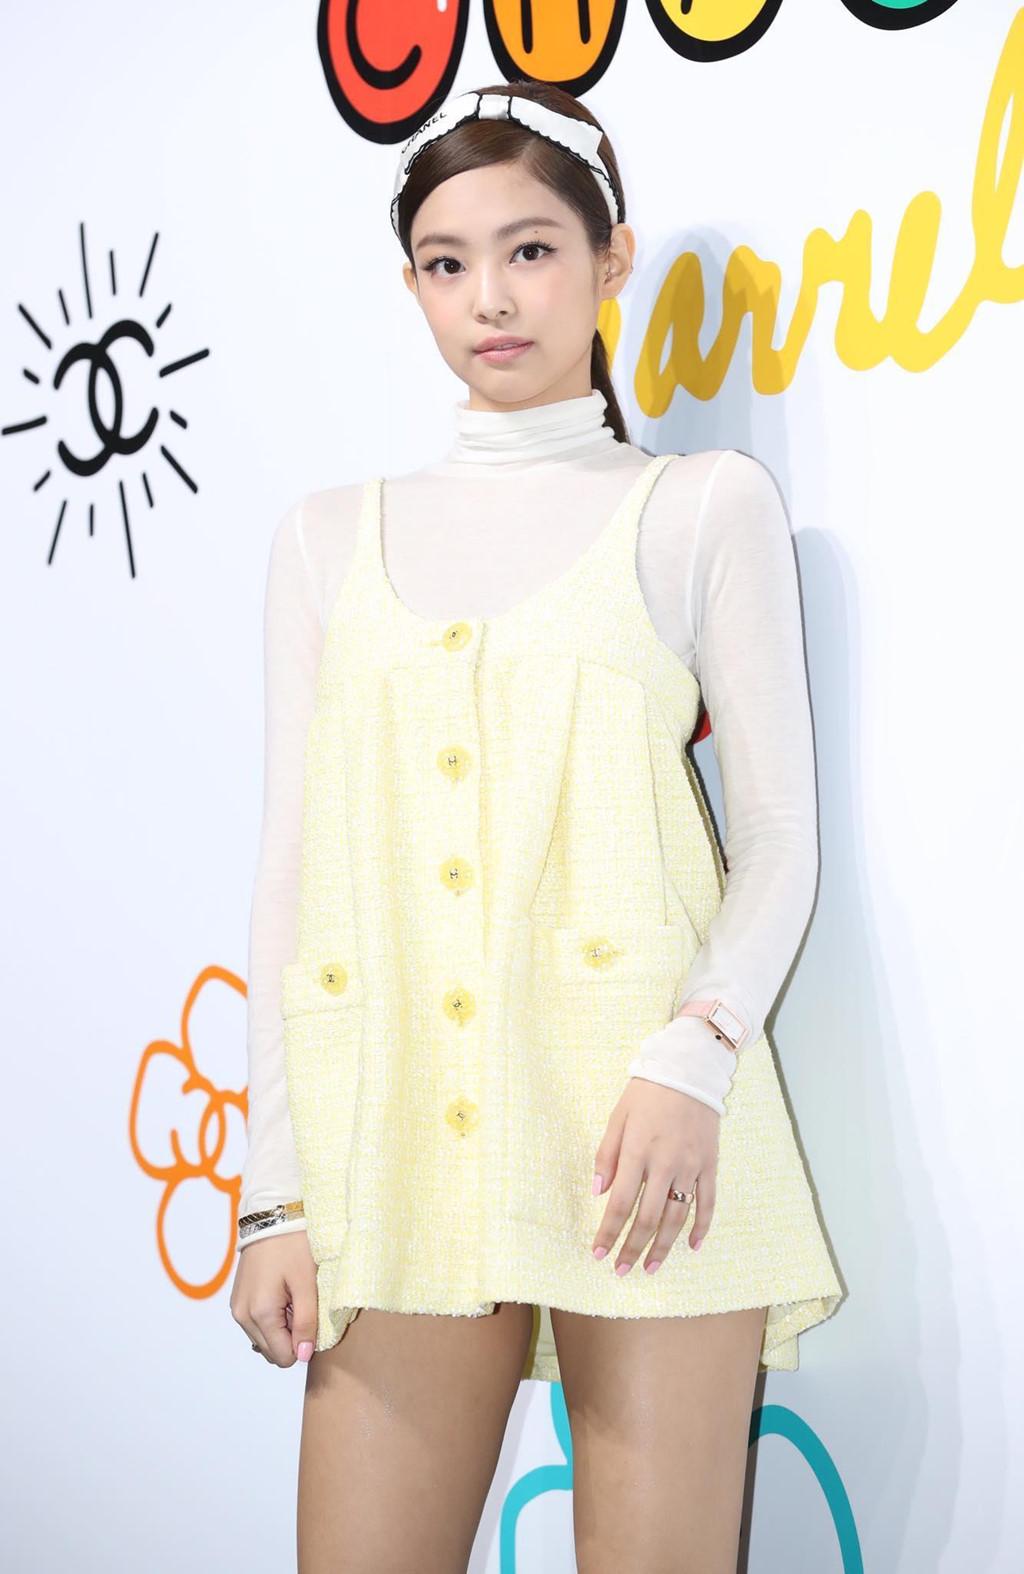 """""""Người đẹp sang nhất xứ Hàn"""" bị chê bai vì bộ đồ xanh nõn chuối - 6"""